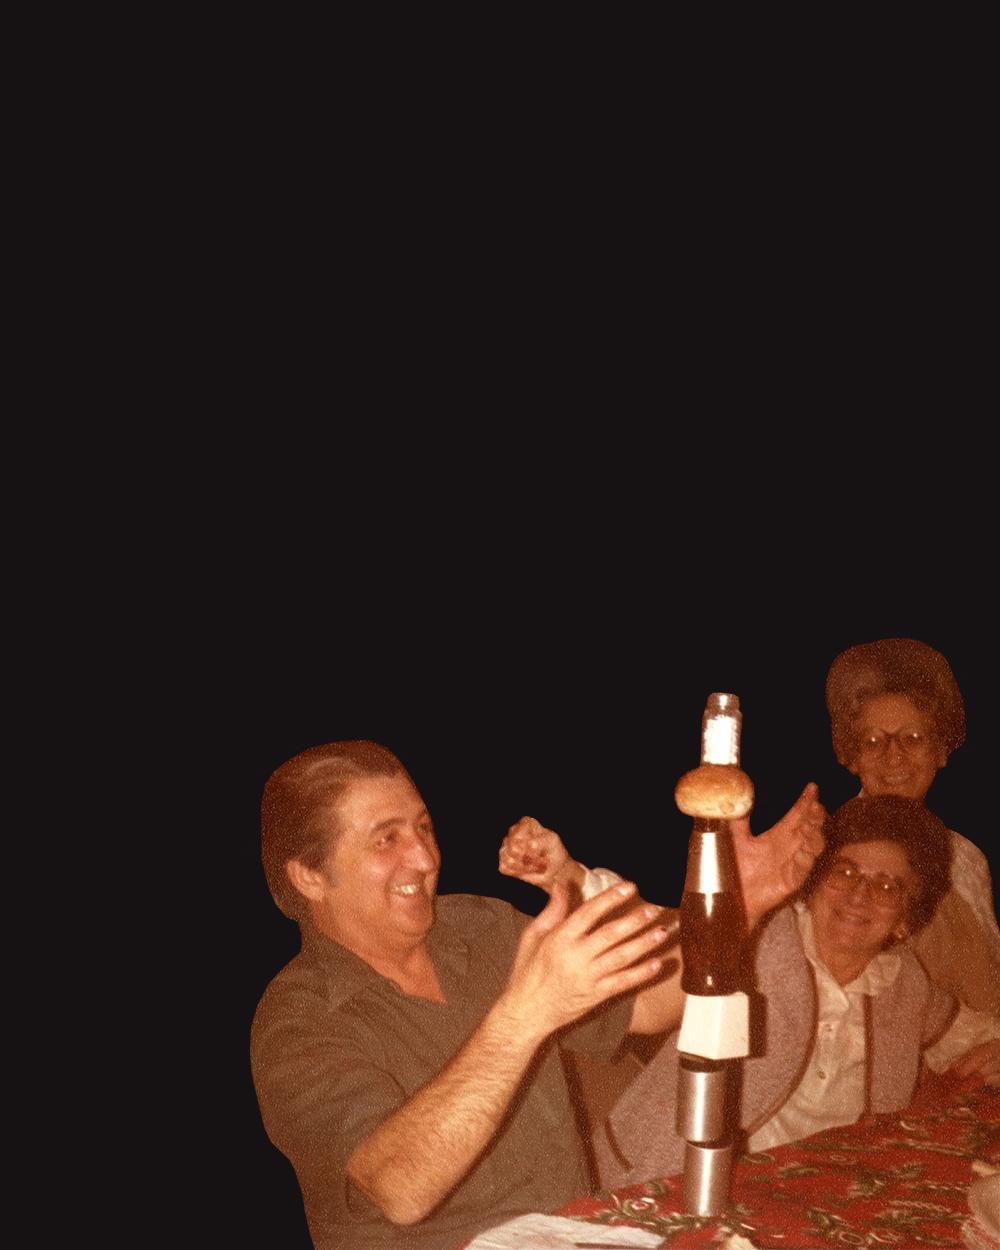 Il gioco dell'equilibrio del nonno della Maguire. © Michelle Maguire